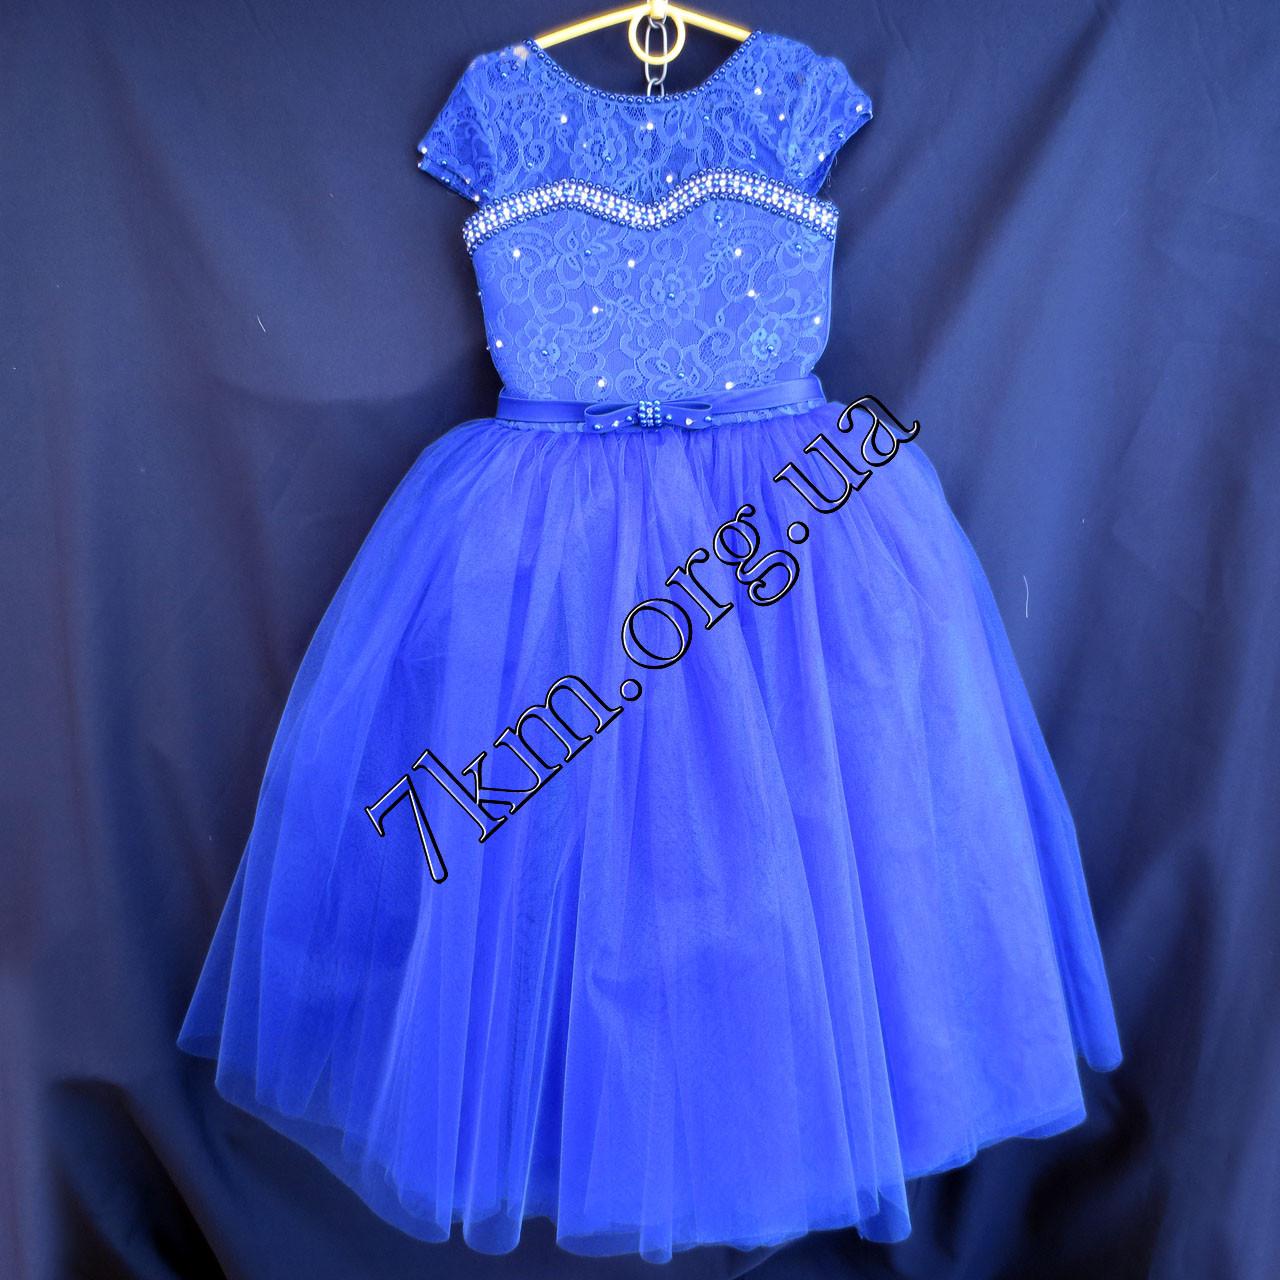 Платье нарядное бальное детское 5-6 лет Принцесса синее Украина оптом.